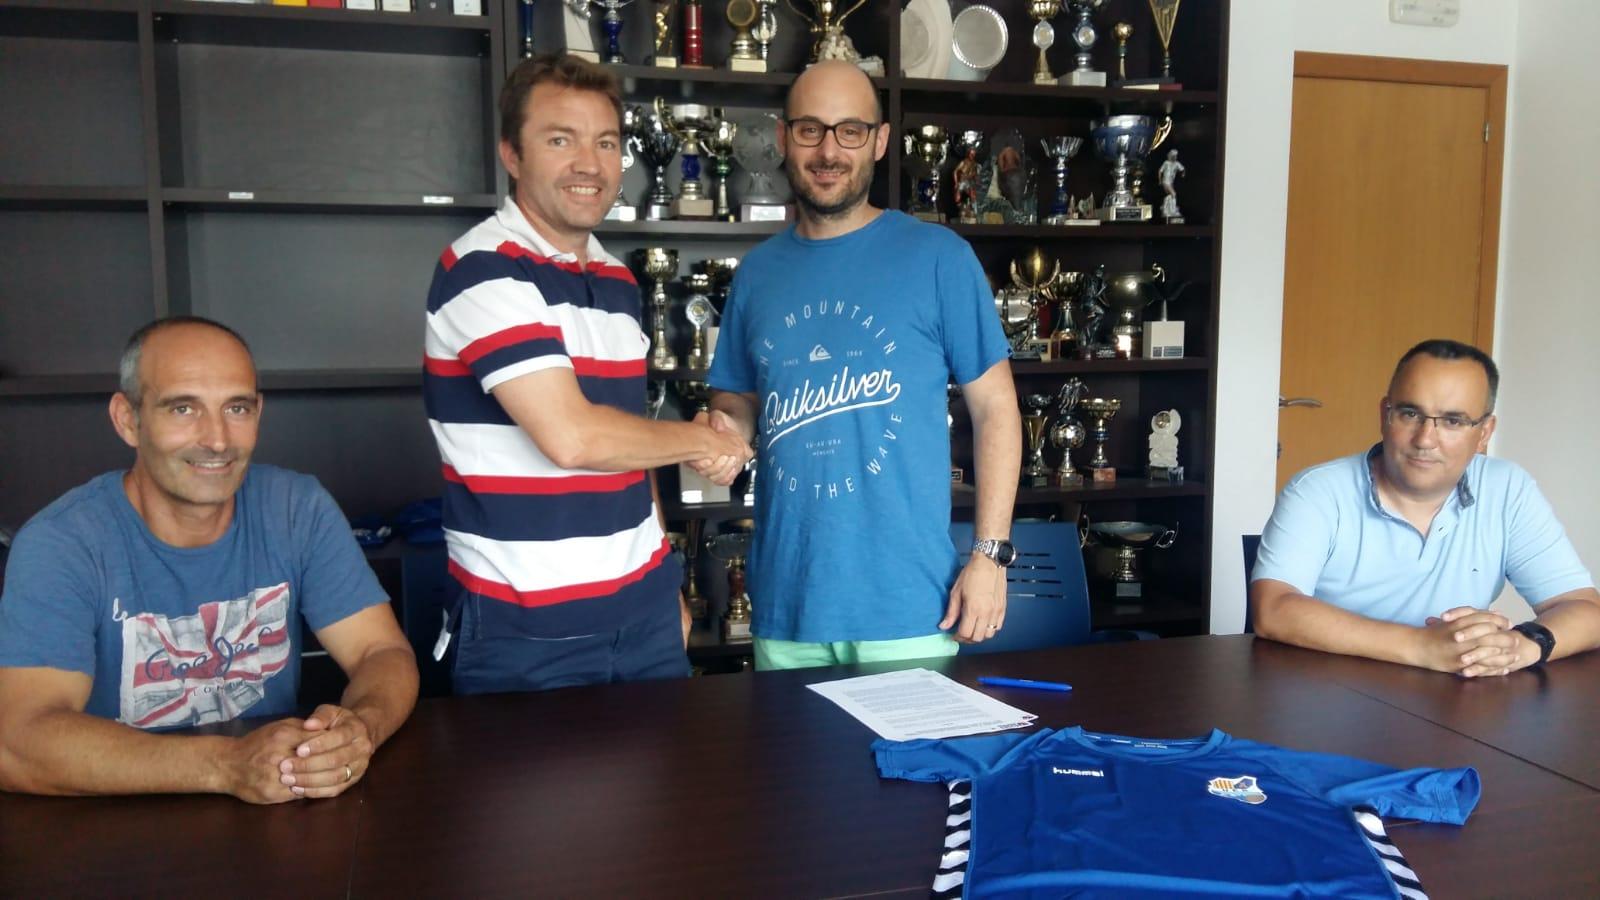 EUSES TE signa un conveni de col·laboració amb la Rapitenca per a la temporada 2018/19